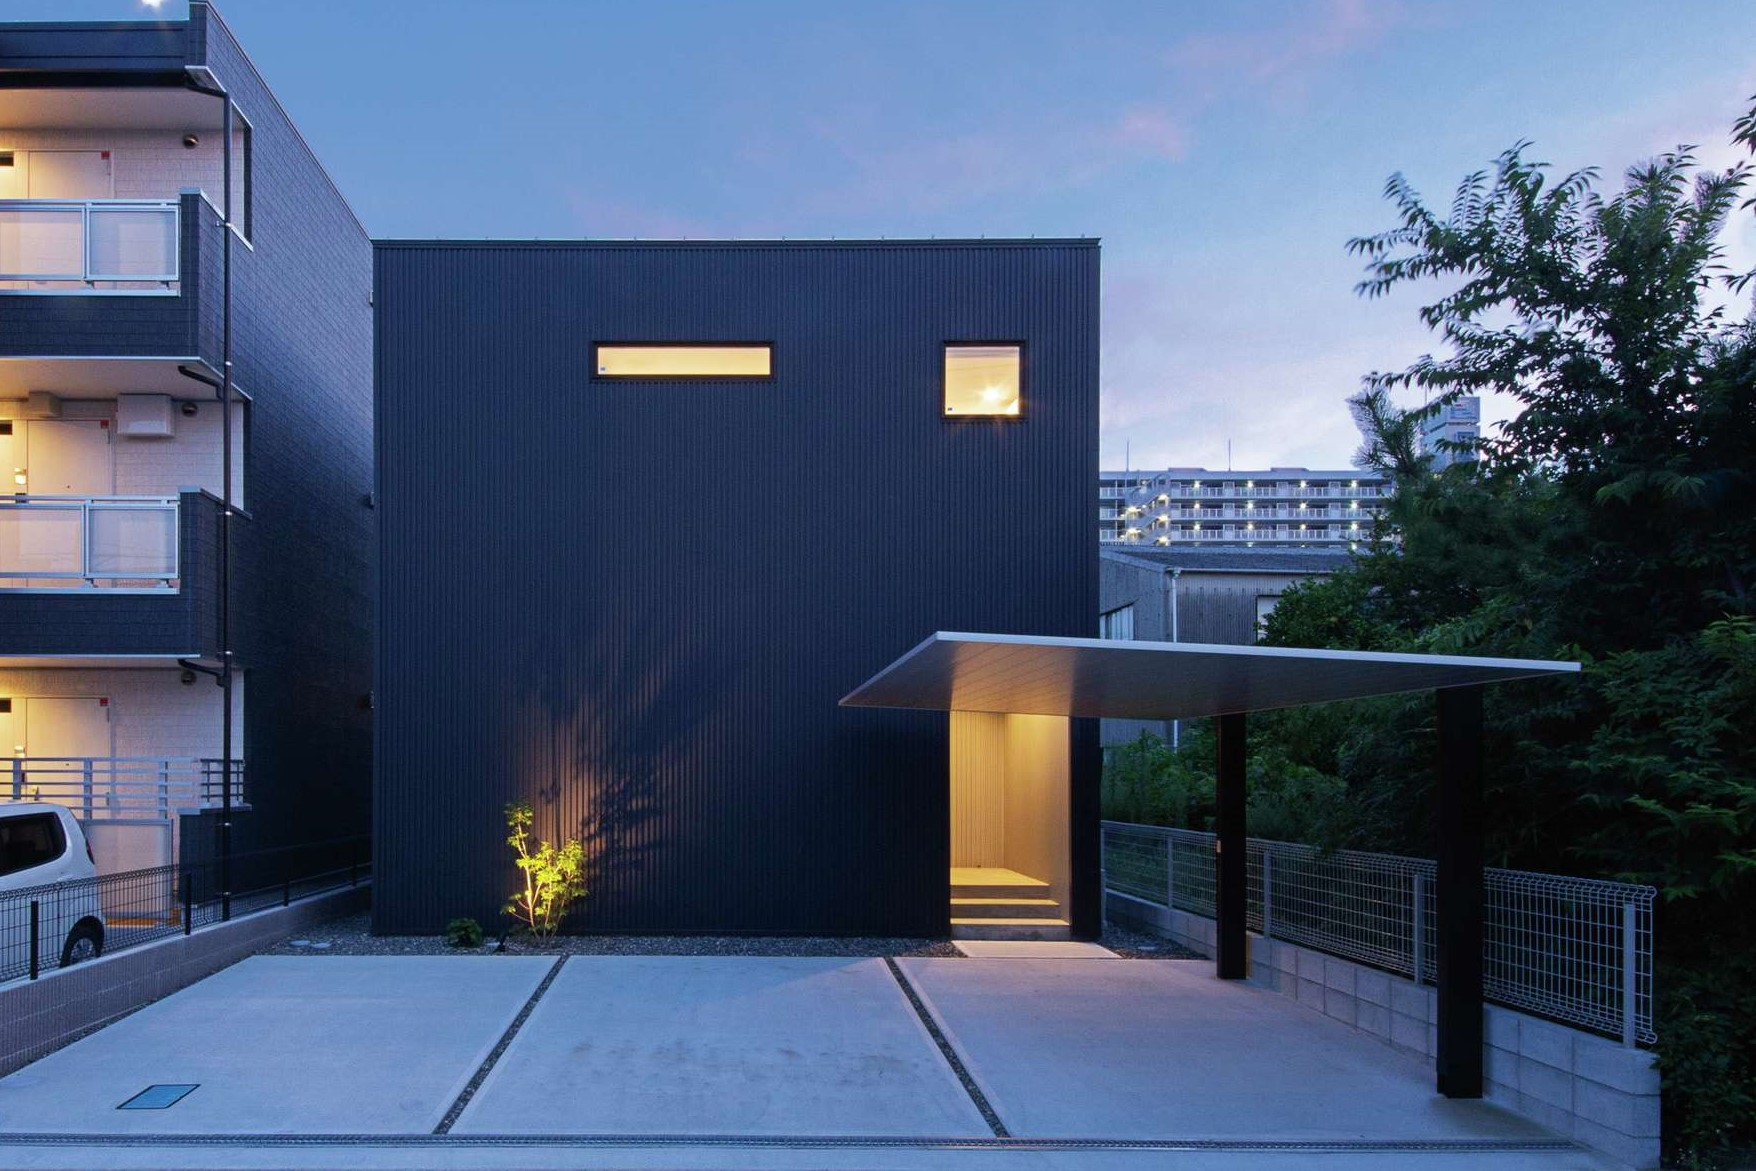 モデルハウスの「MONO-house」をベースにデザインした箱型の外観。道路側の開口部は最低限にして、市街地でありながら十分にプライバシーを確保。ガルバリウム鋼板の外壁に灯りが豊かな表情をもたらしている